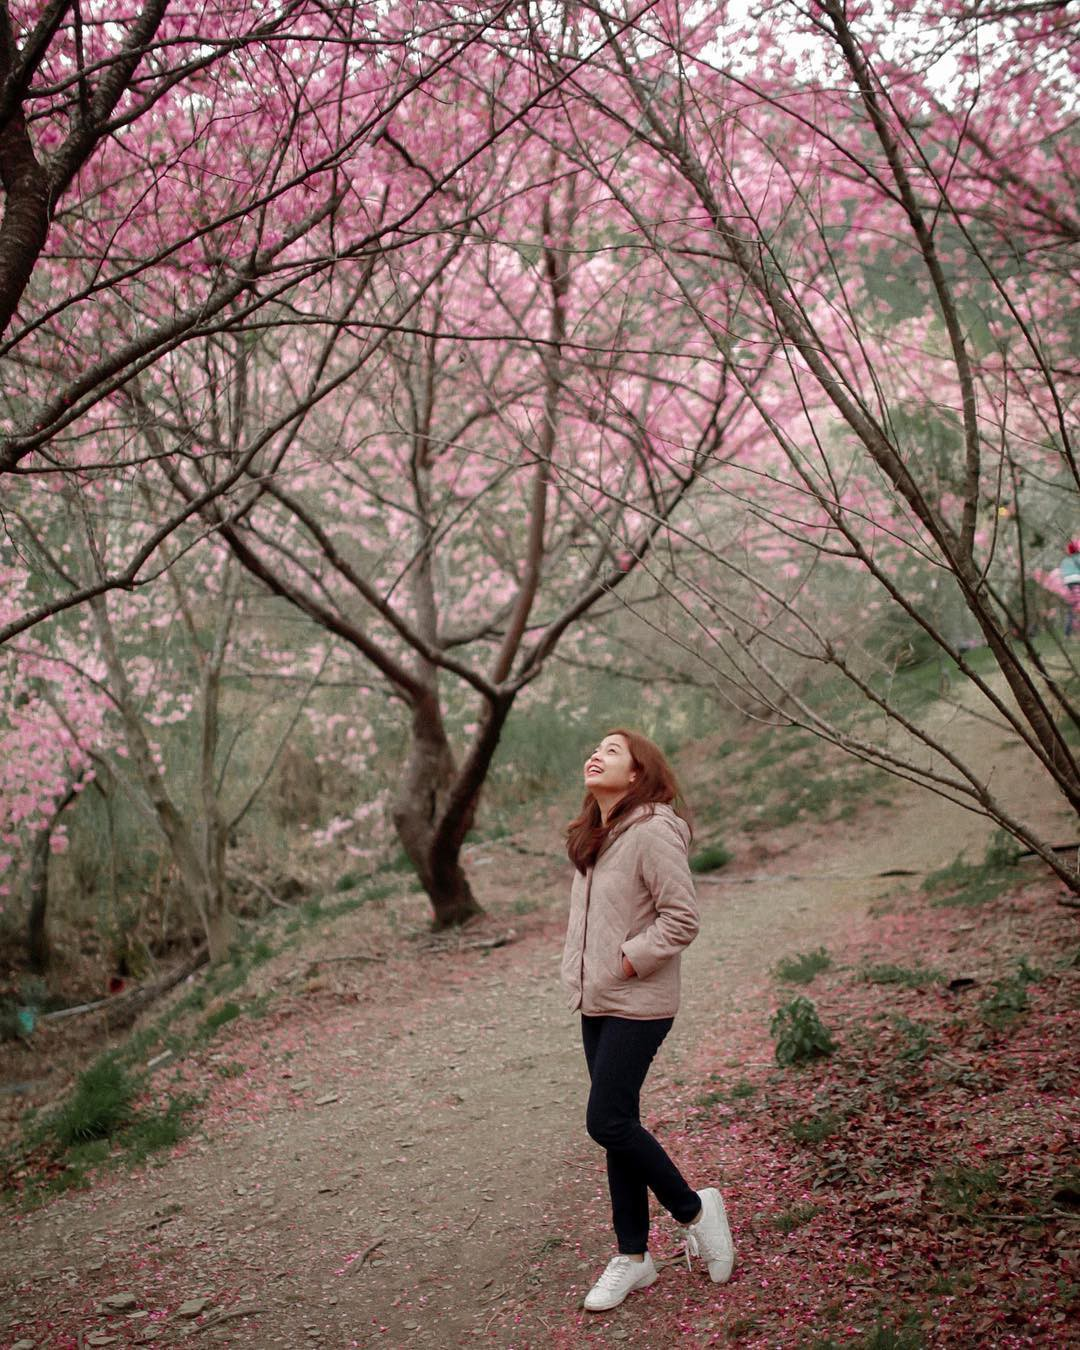 Đài Loan: Hoa anh đào lại nở rợp trời, tạo điều kiện cho trai gái dập dìu chơi xuân - Ảnh 5.